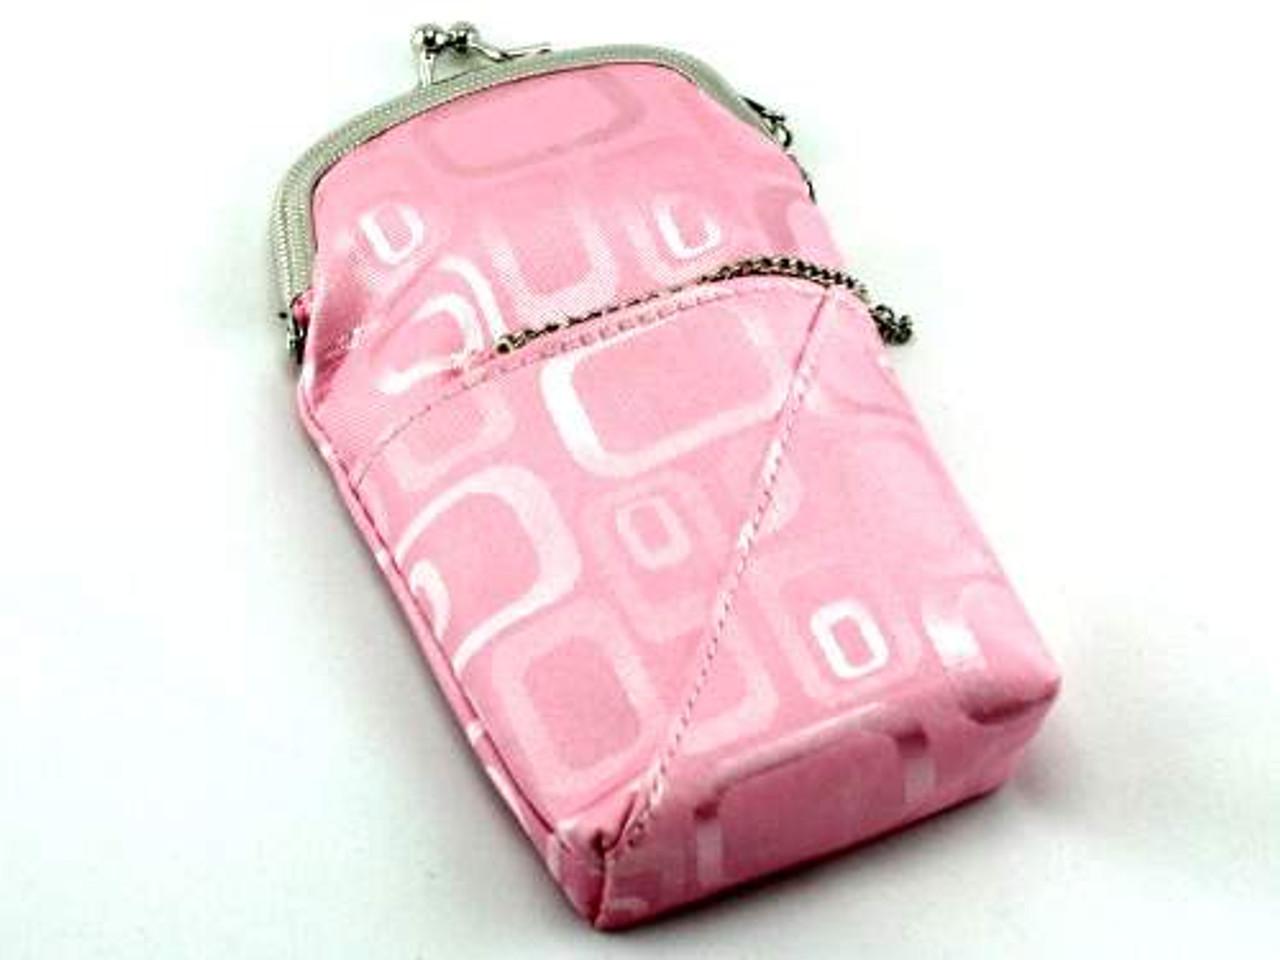 Modern Pink 120 Cigarette Pack Holder